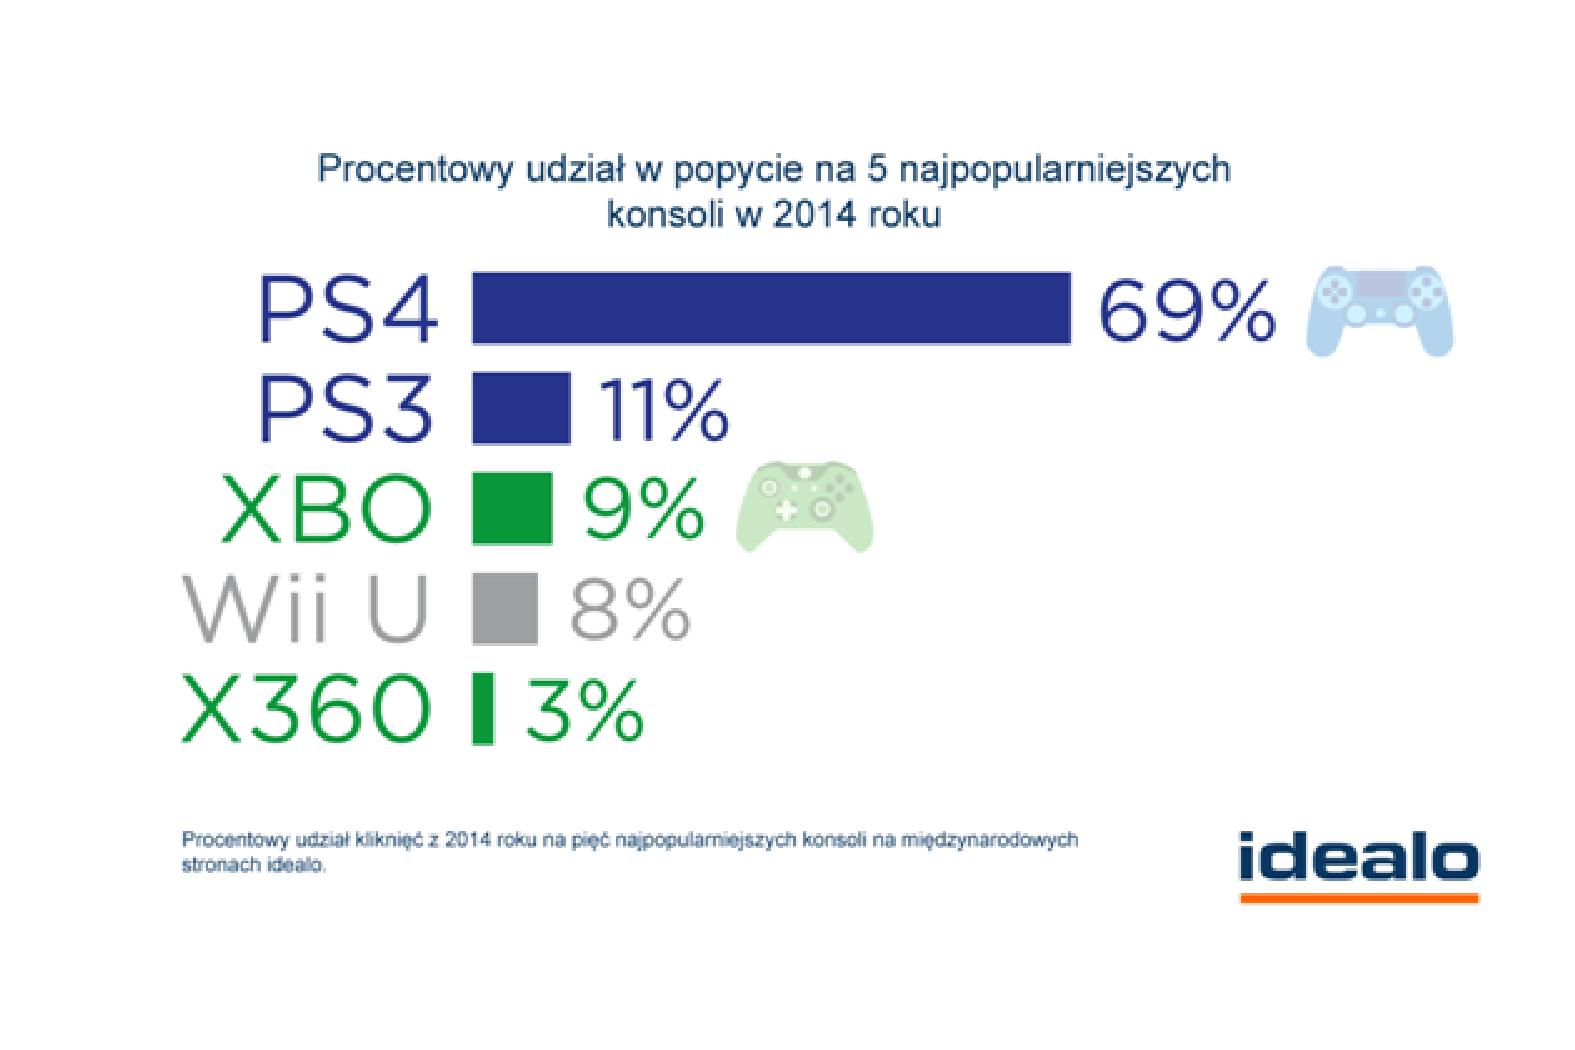 Konsole – Sony popularniejsze niż Microsoft